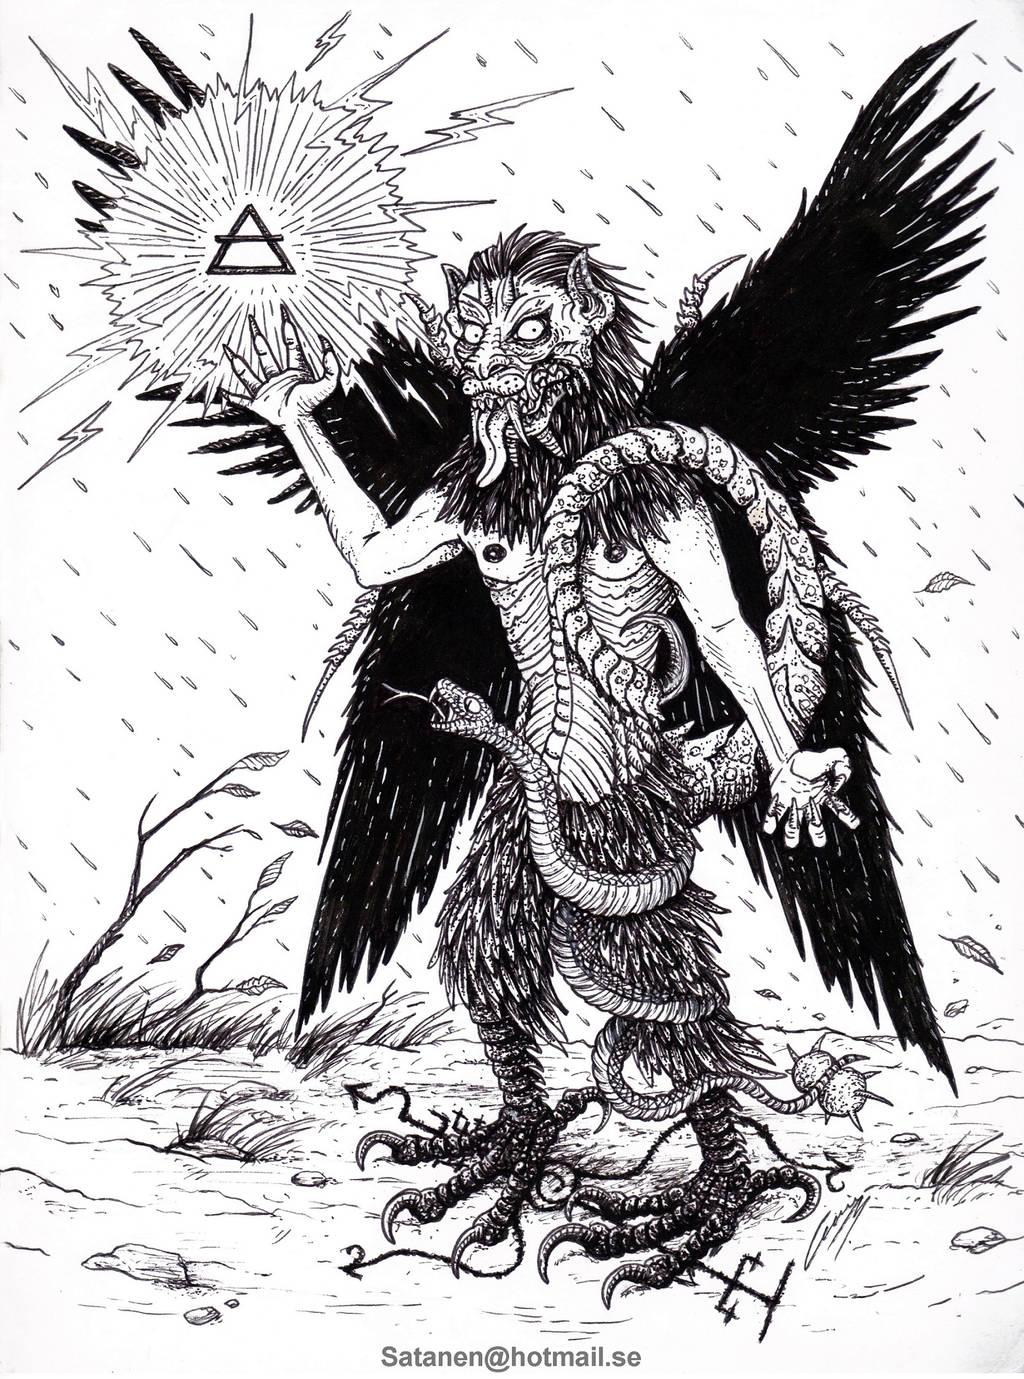 Pazuzu The Bearer of Storms by satanen